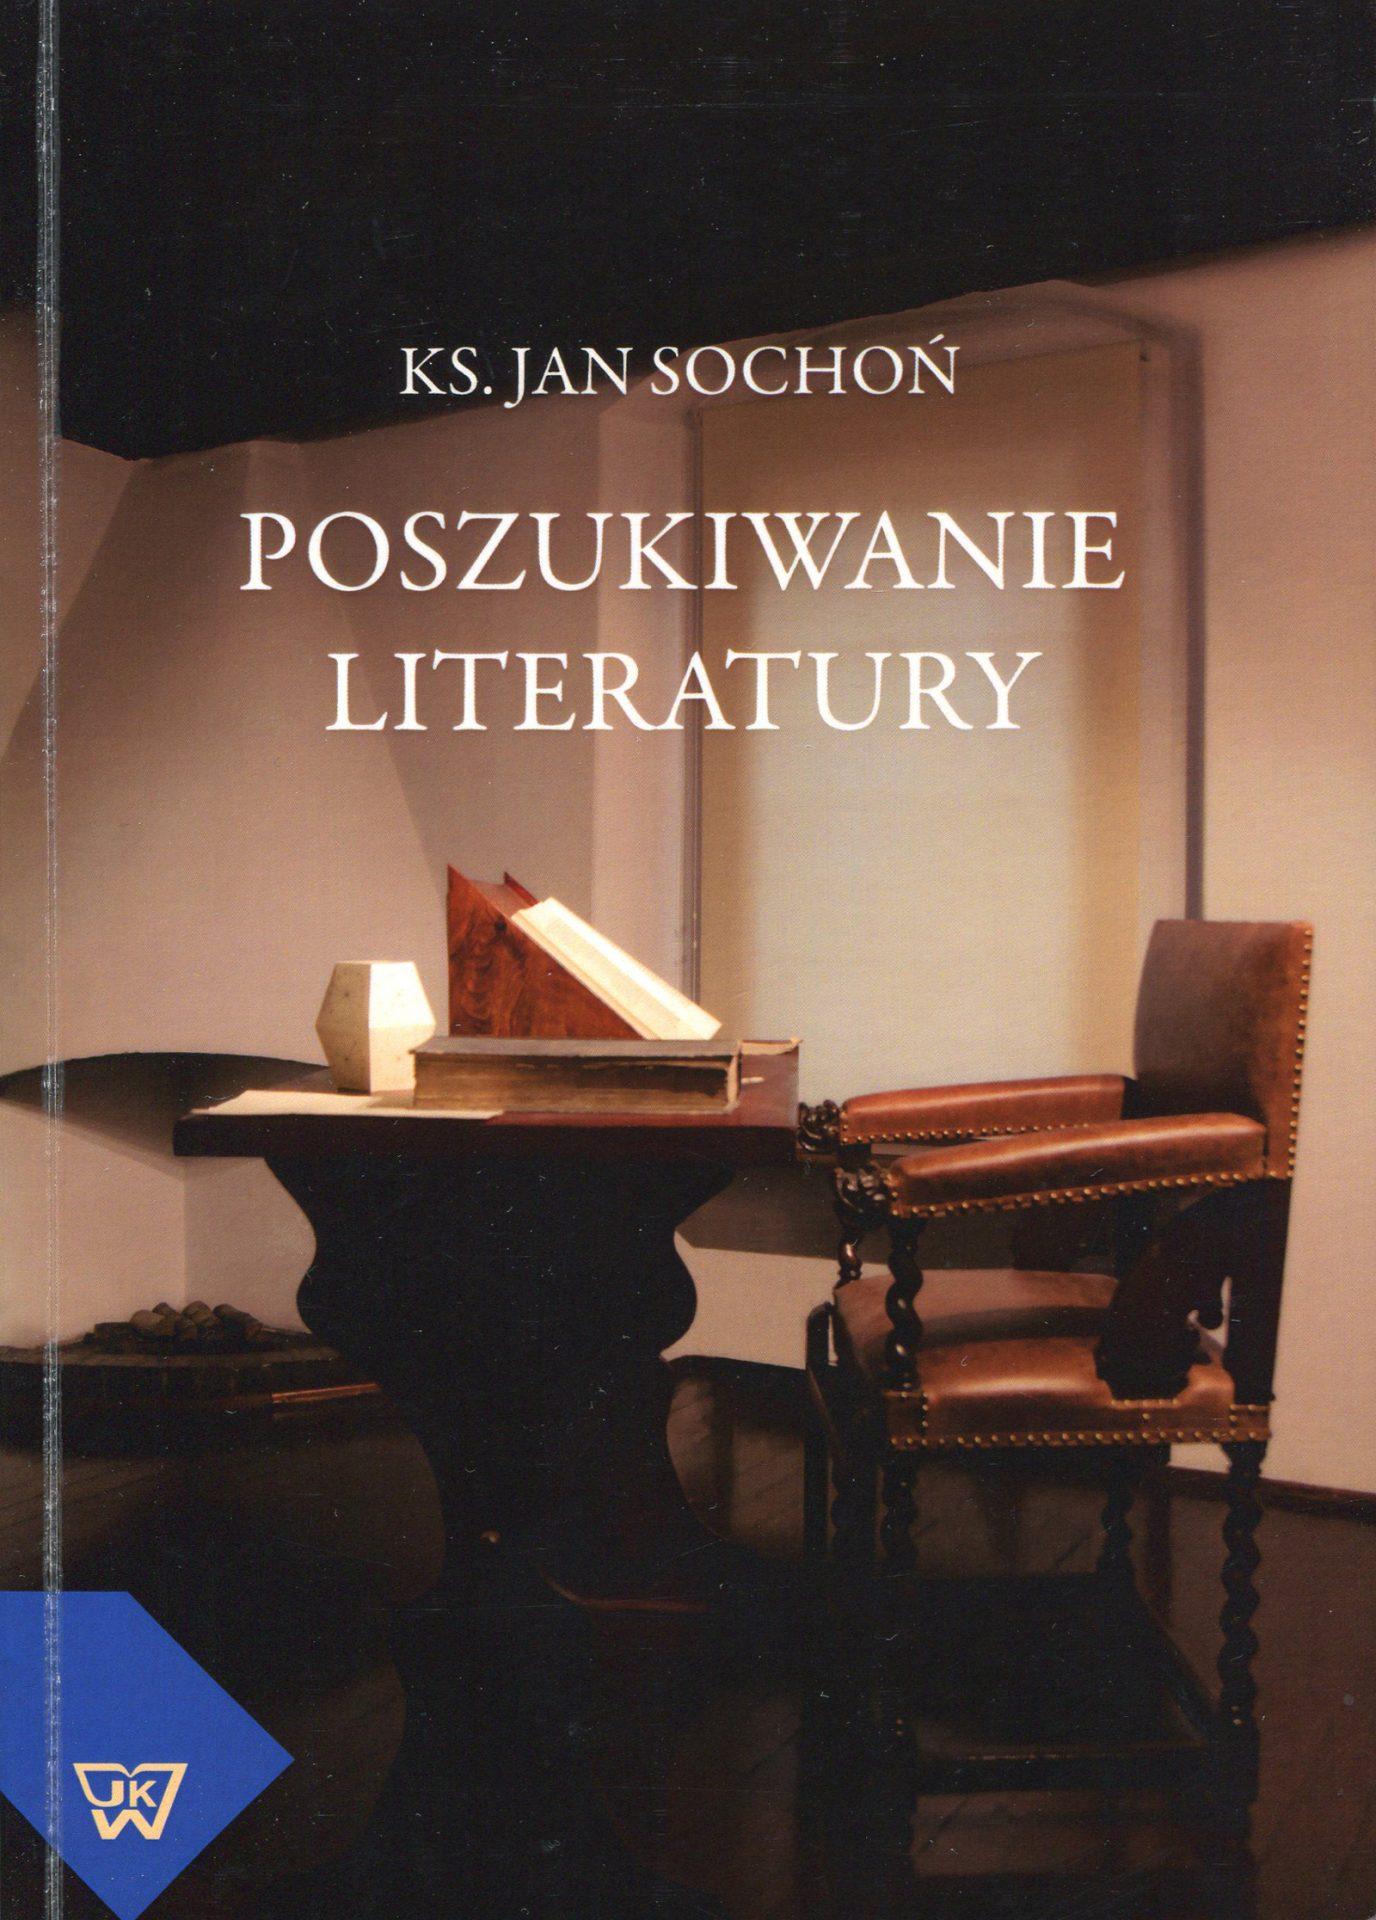 Poszukiwanie literatury - Jan Sochoń